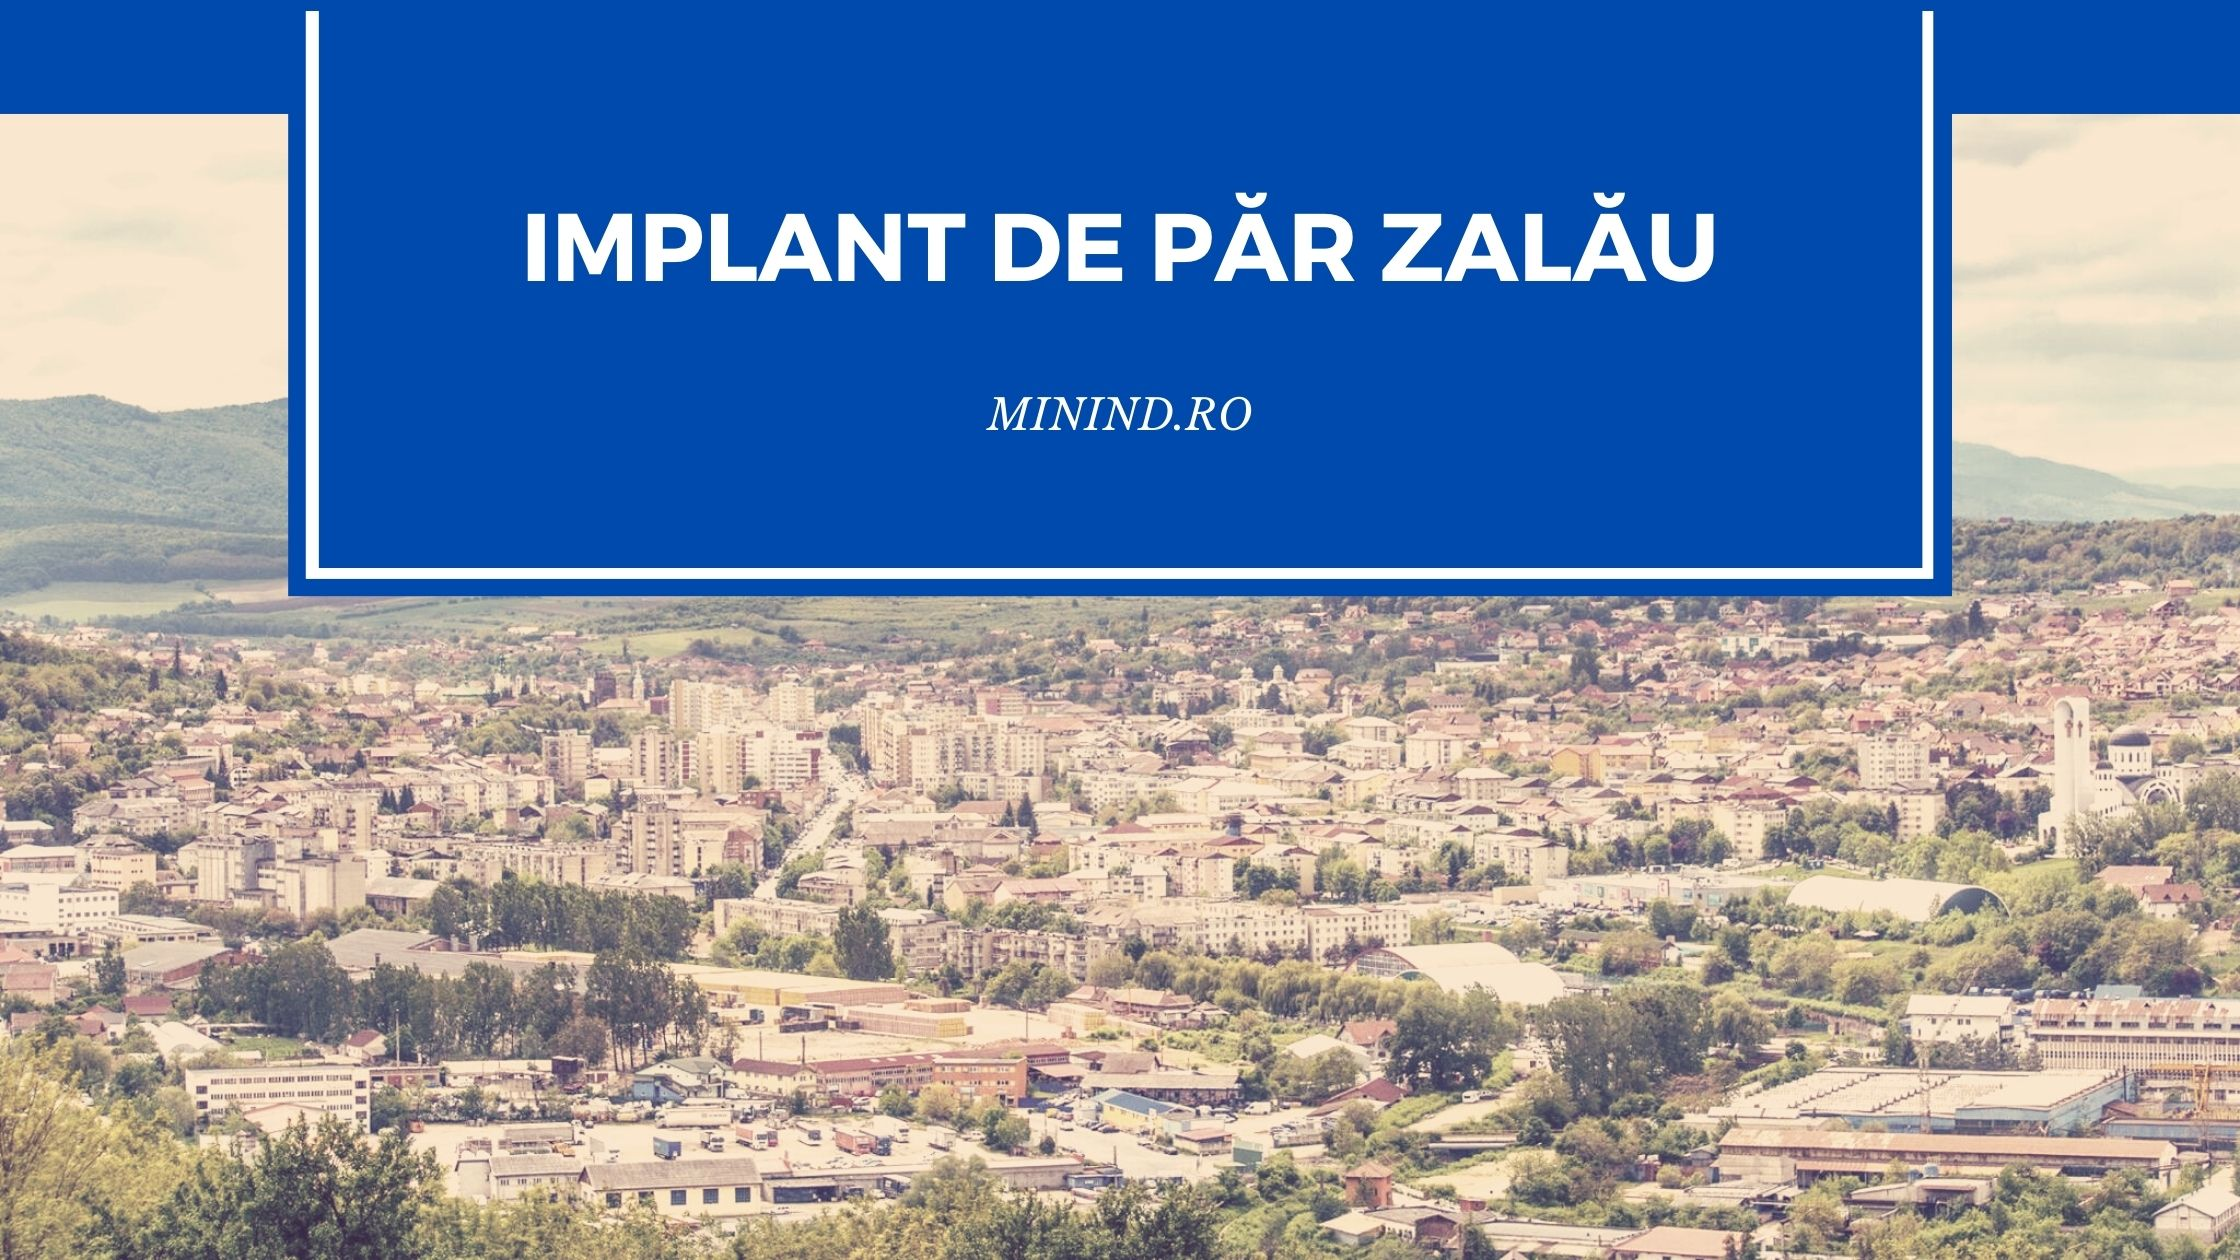 implant de par zalau